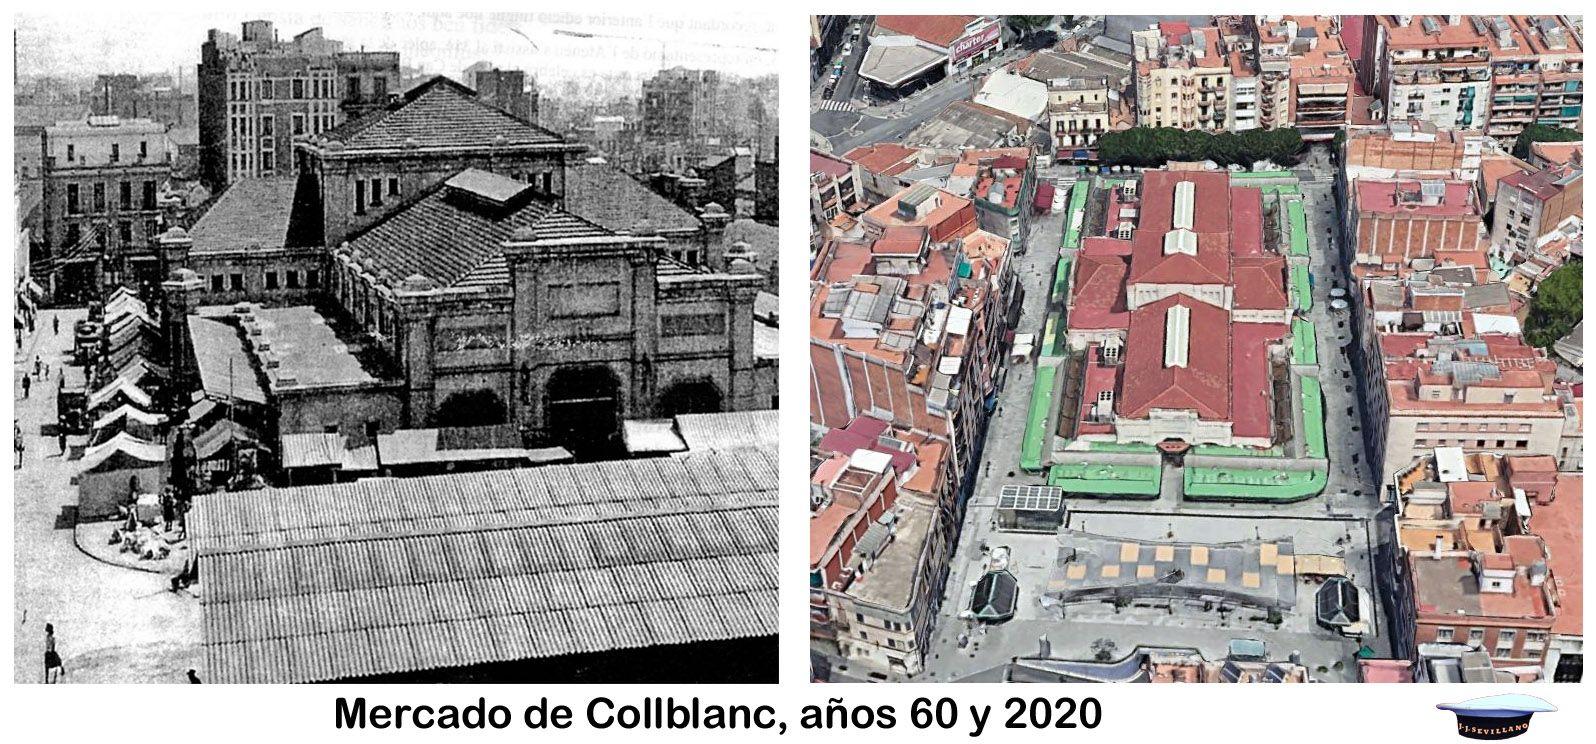 Mercado De Collblanc Años 60 Y 2020 Fotos De Barcelona Fotos Años 60